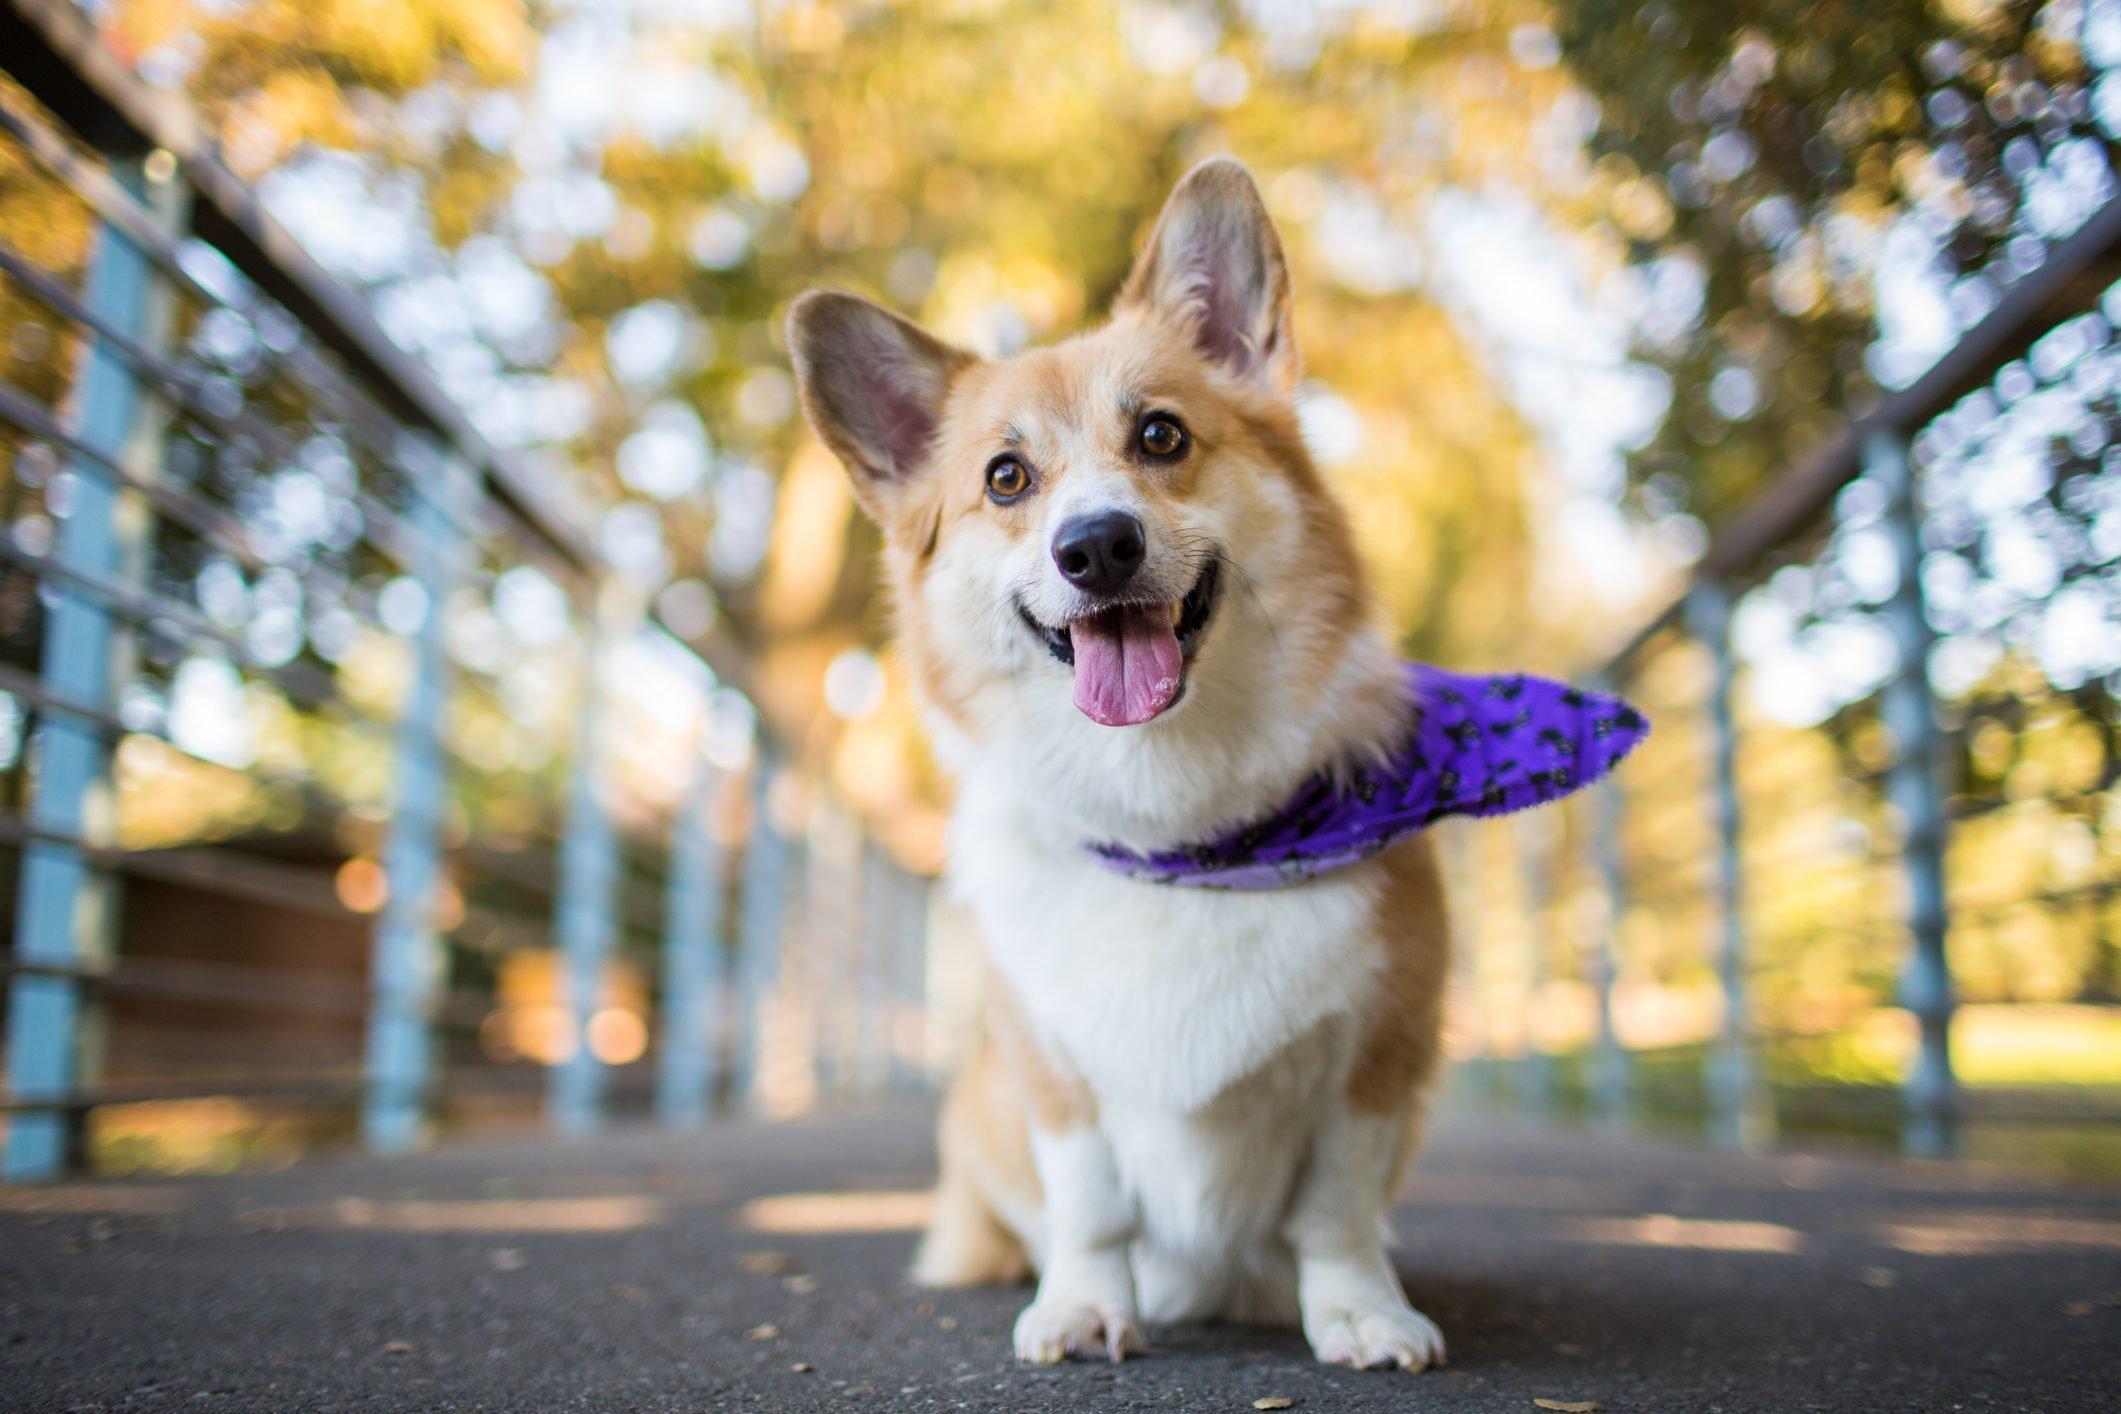 Smiling Dog with Bandana